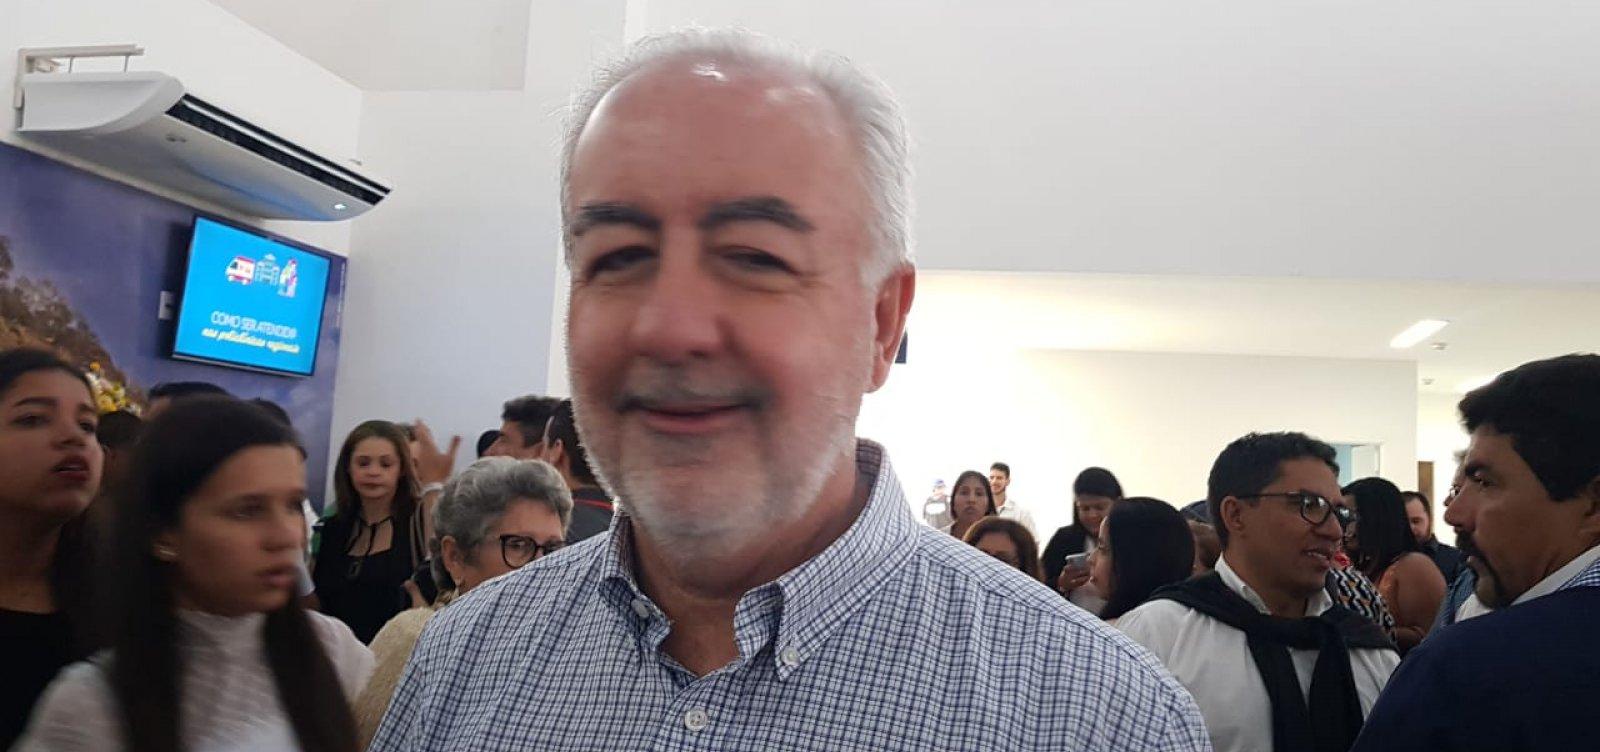 ['Fiscalização de barragens não é minha área', diz Secretário de Infraestrutura da Bahia ]